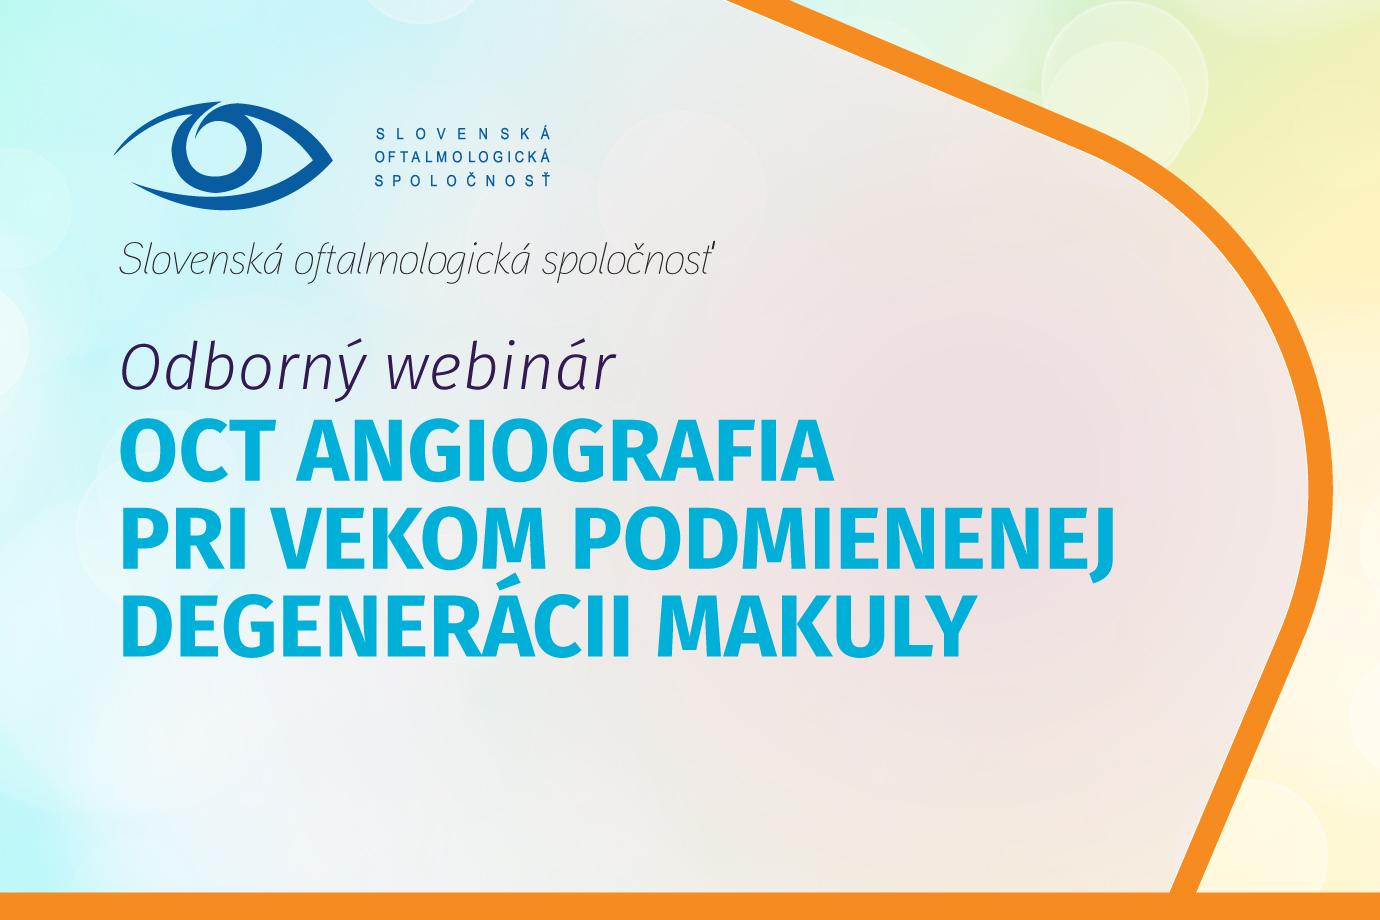 OCT angiografia pri vekom podmienenej degenerácii makuly